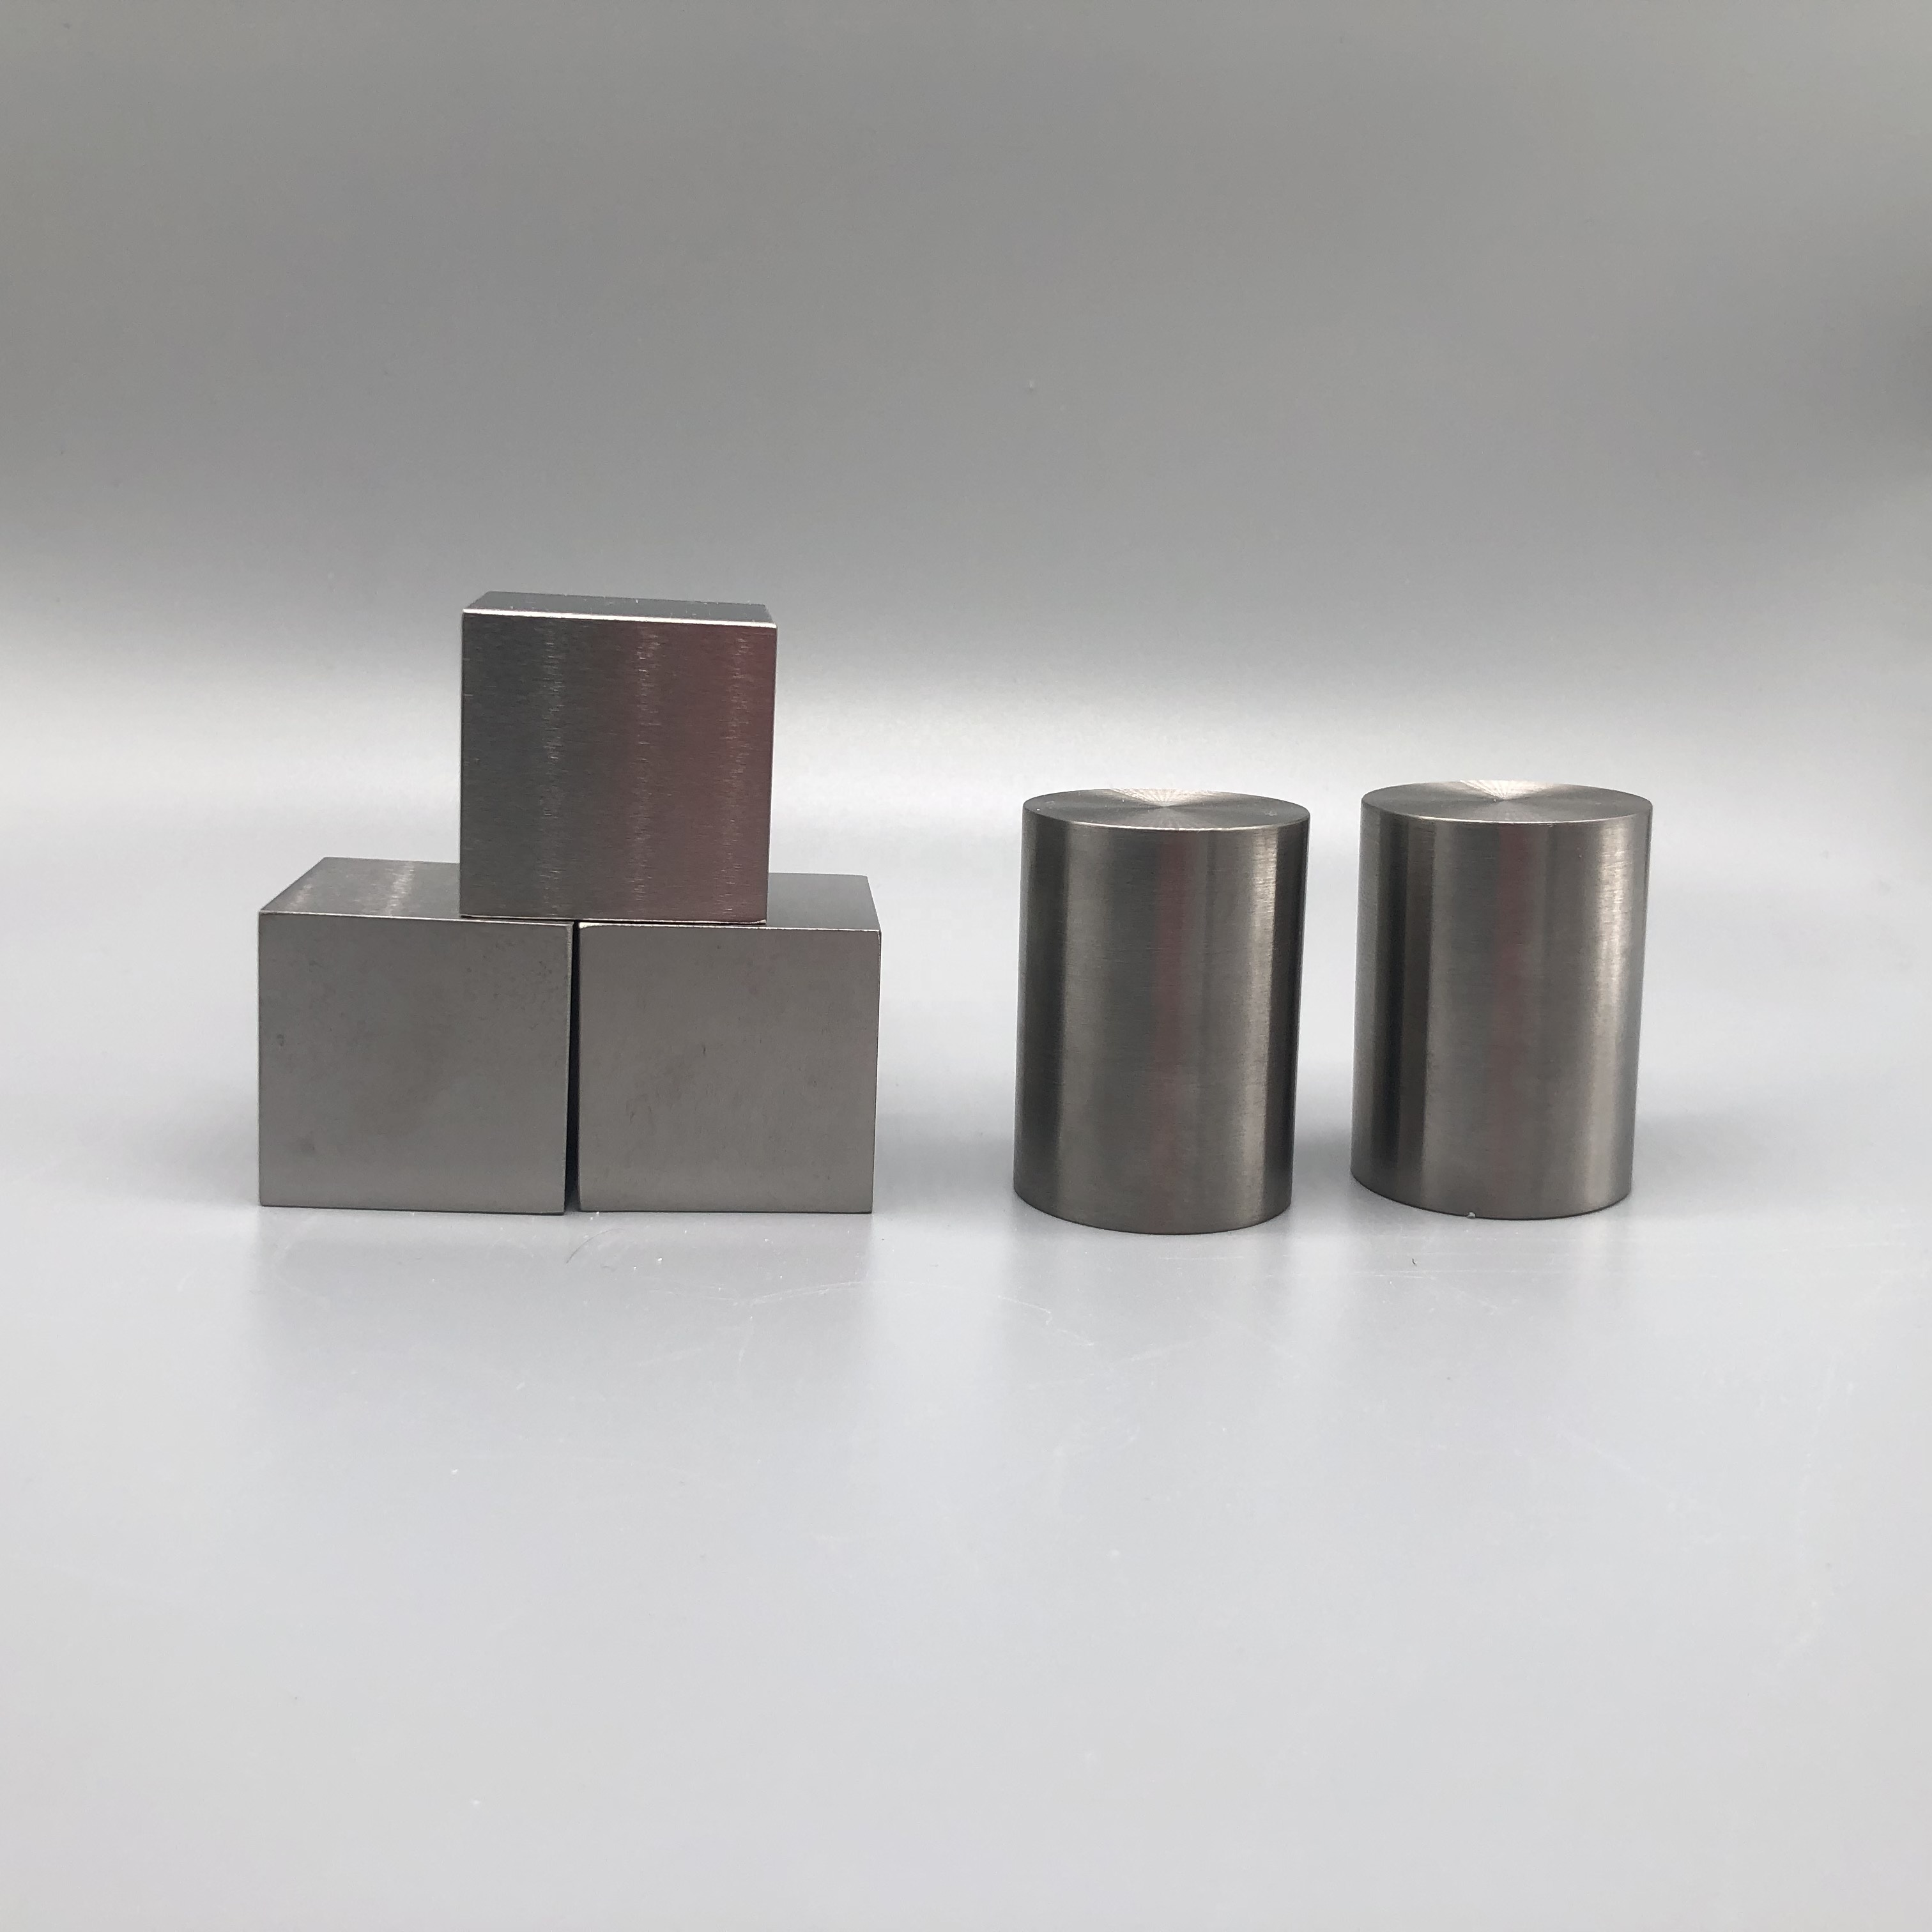 95 wnife стержень из сплава вольфрама куб цилиндр весов для автомобиль Дерби сосновой древесины